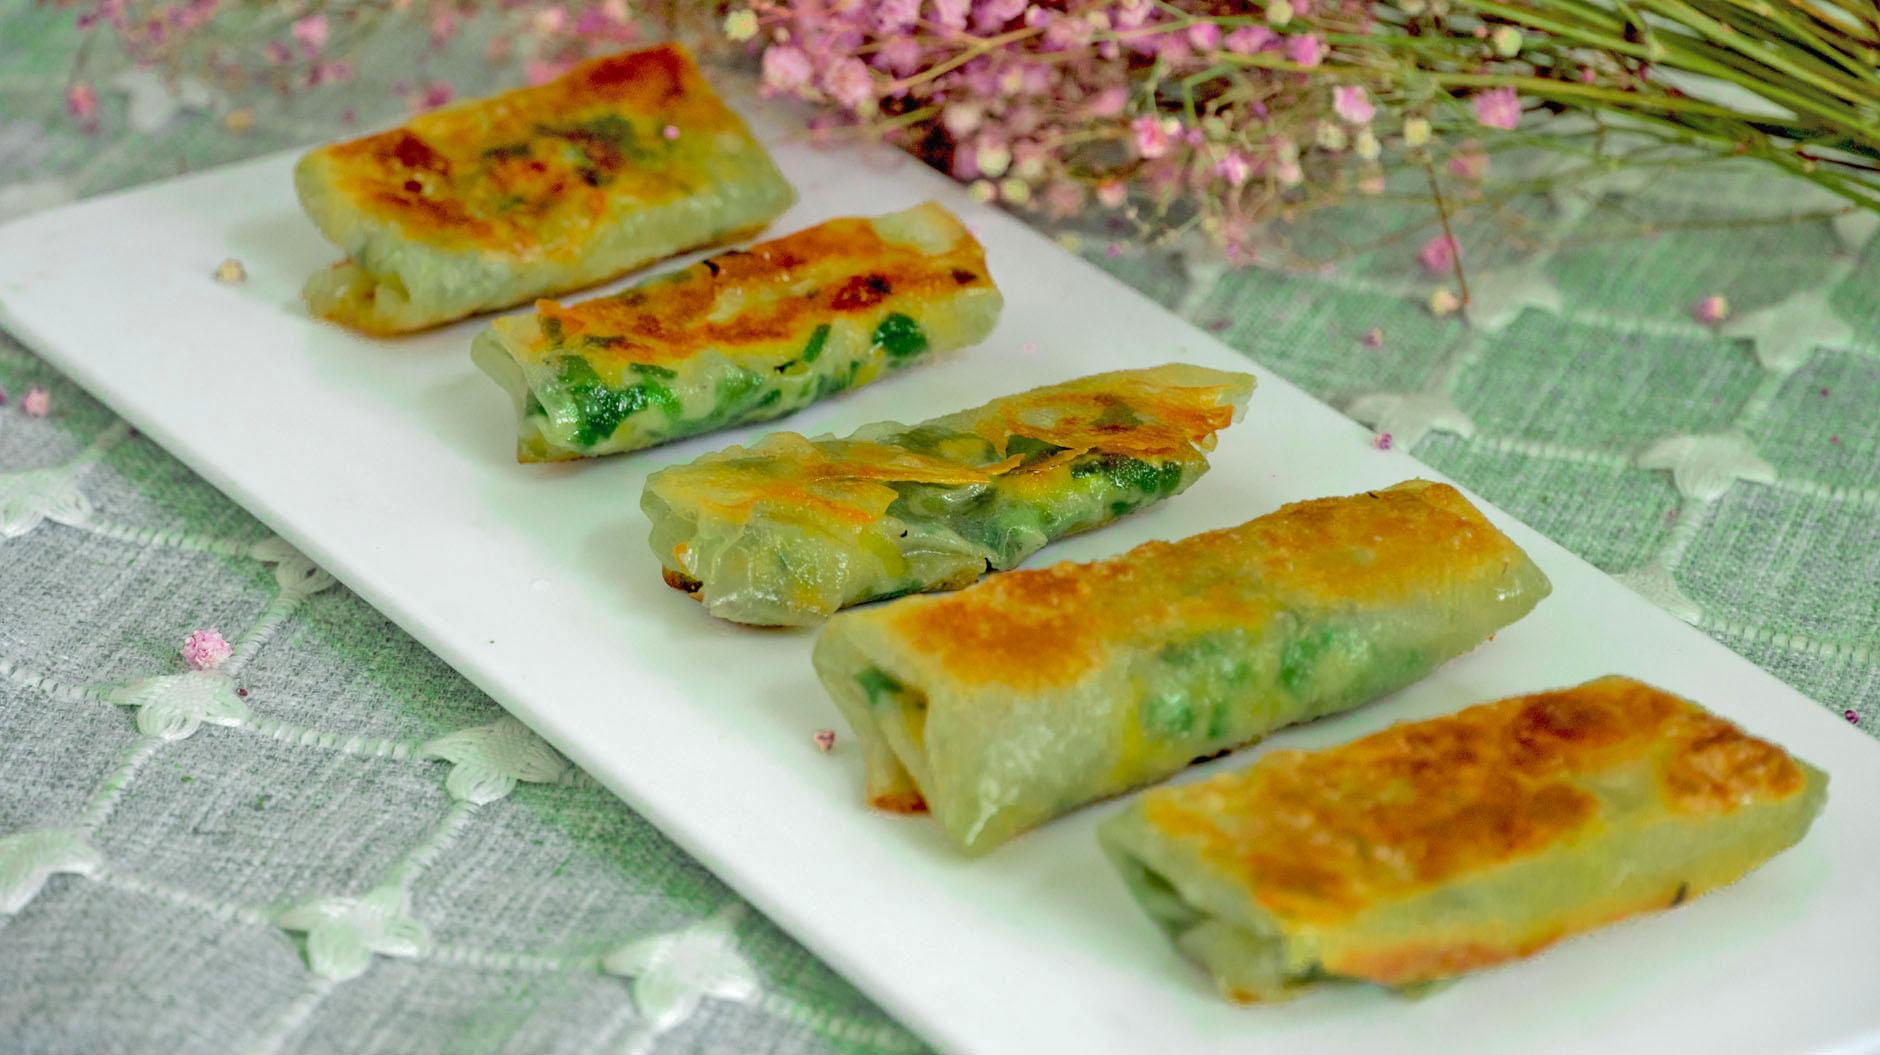 早餐别吃包子馒头了,1块钱饺子皮,教你5种吃法,做法简单又解馋 美食做法 第24张